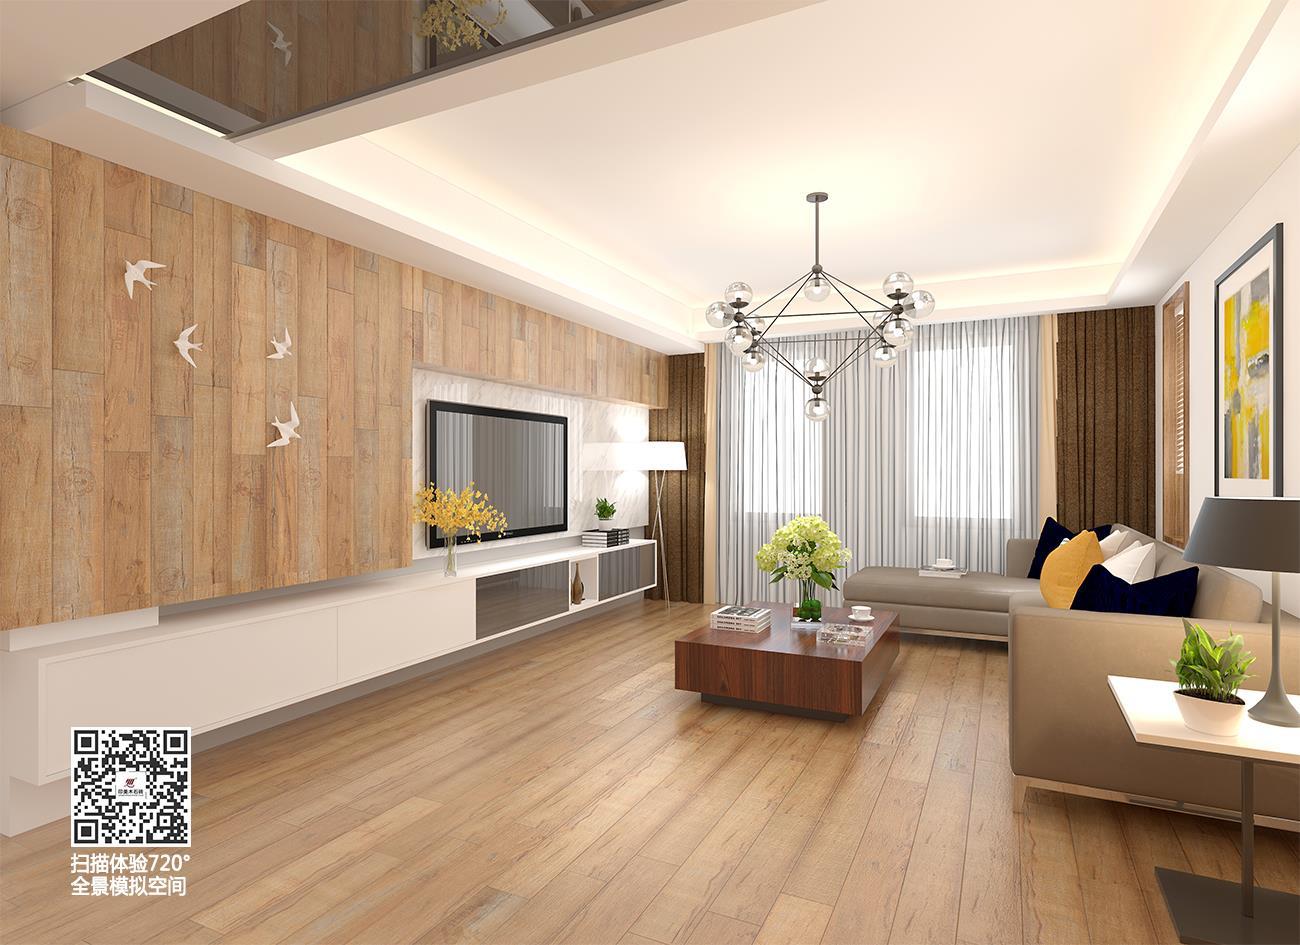 木纹砖:158202